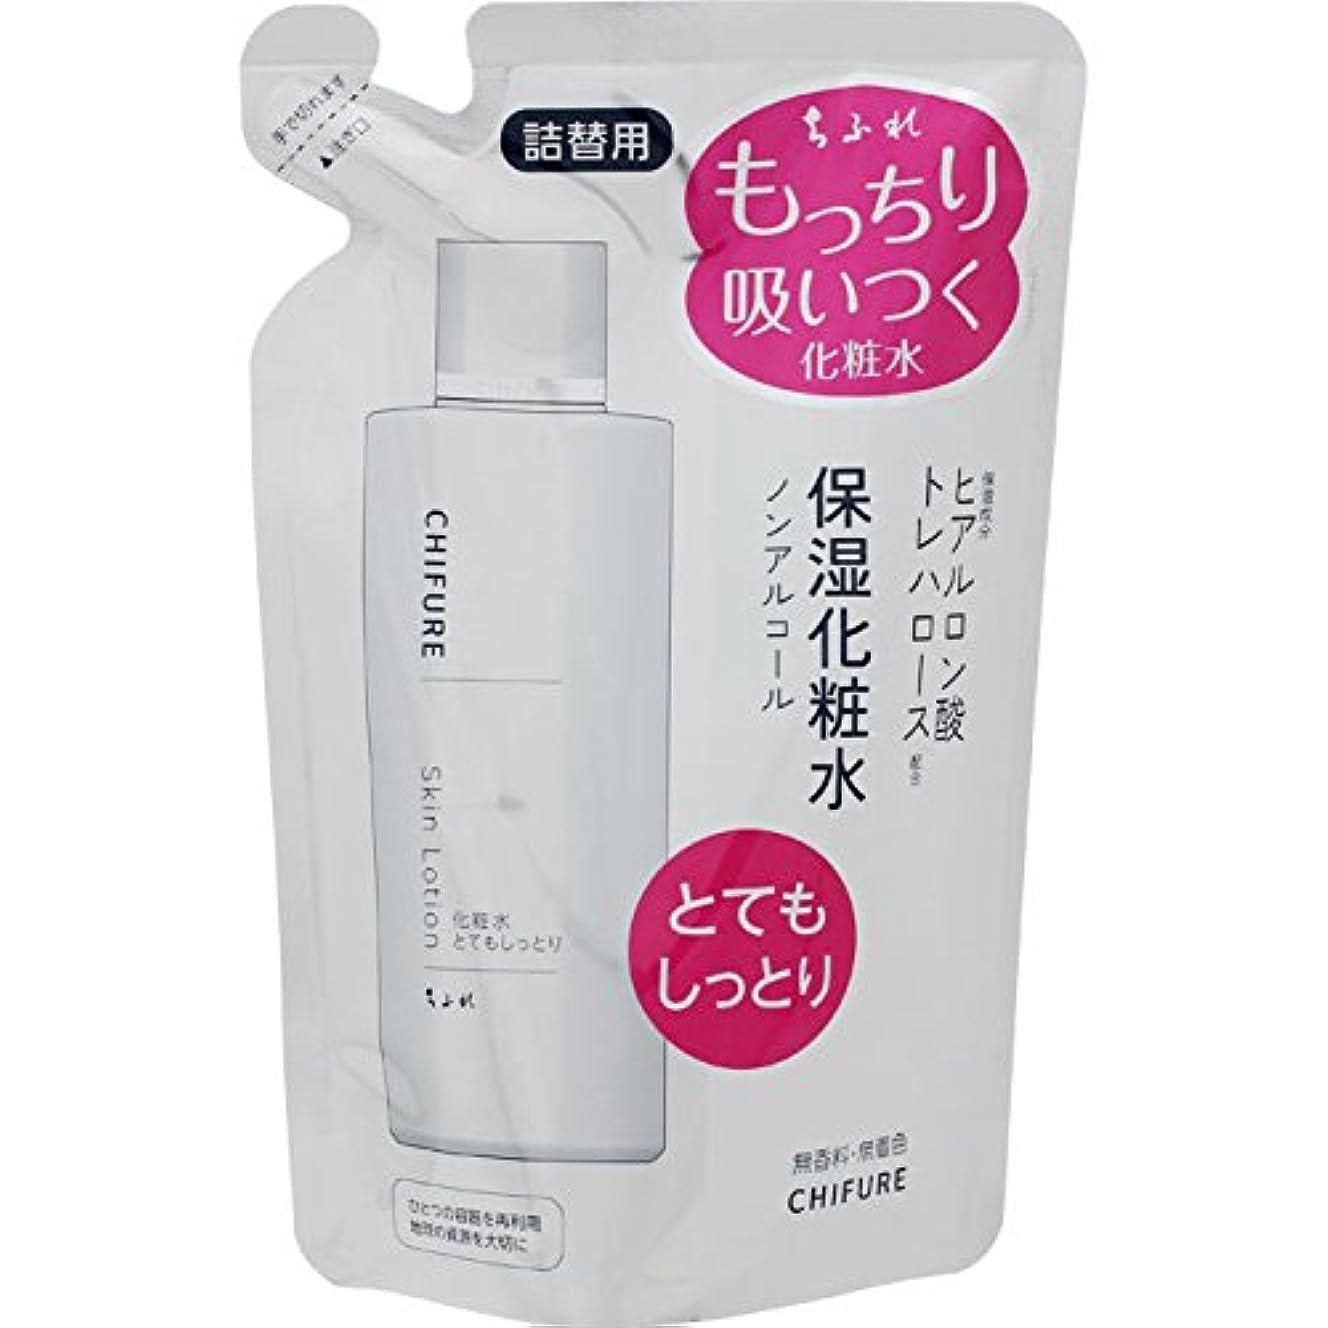 ショートウォーターフロントではごきげんようちふれ化粧品 化粧水 とてもしっとりタイプ 詰替用 150ML